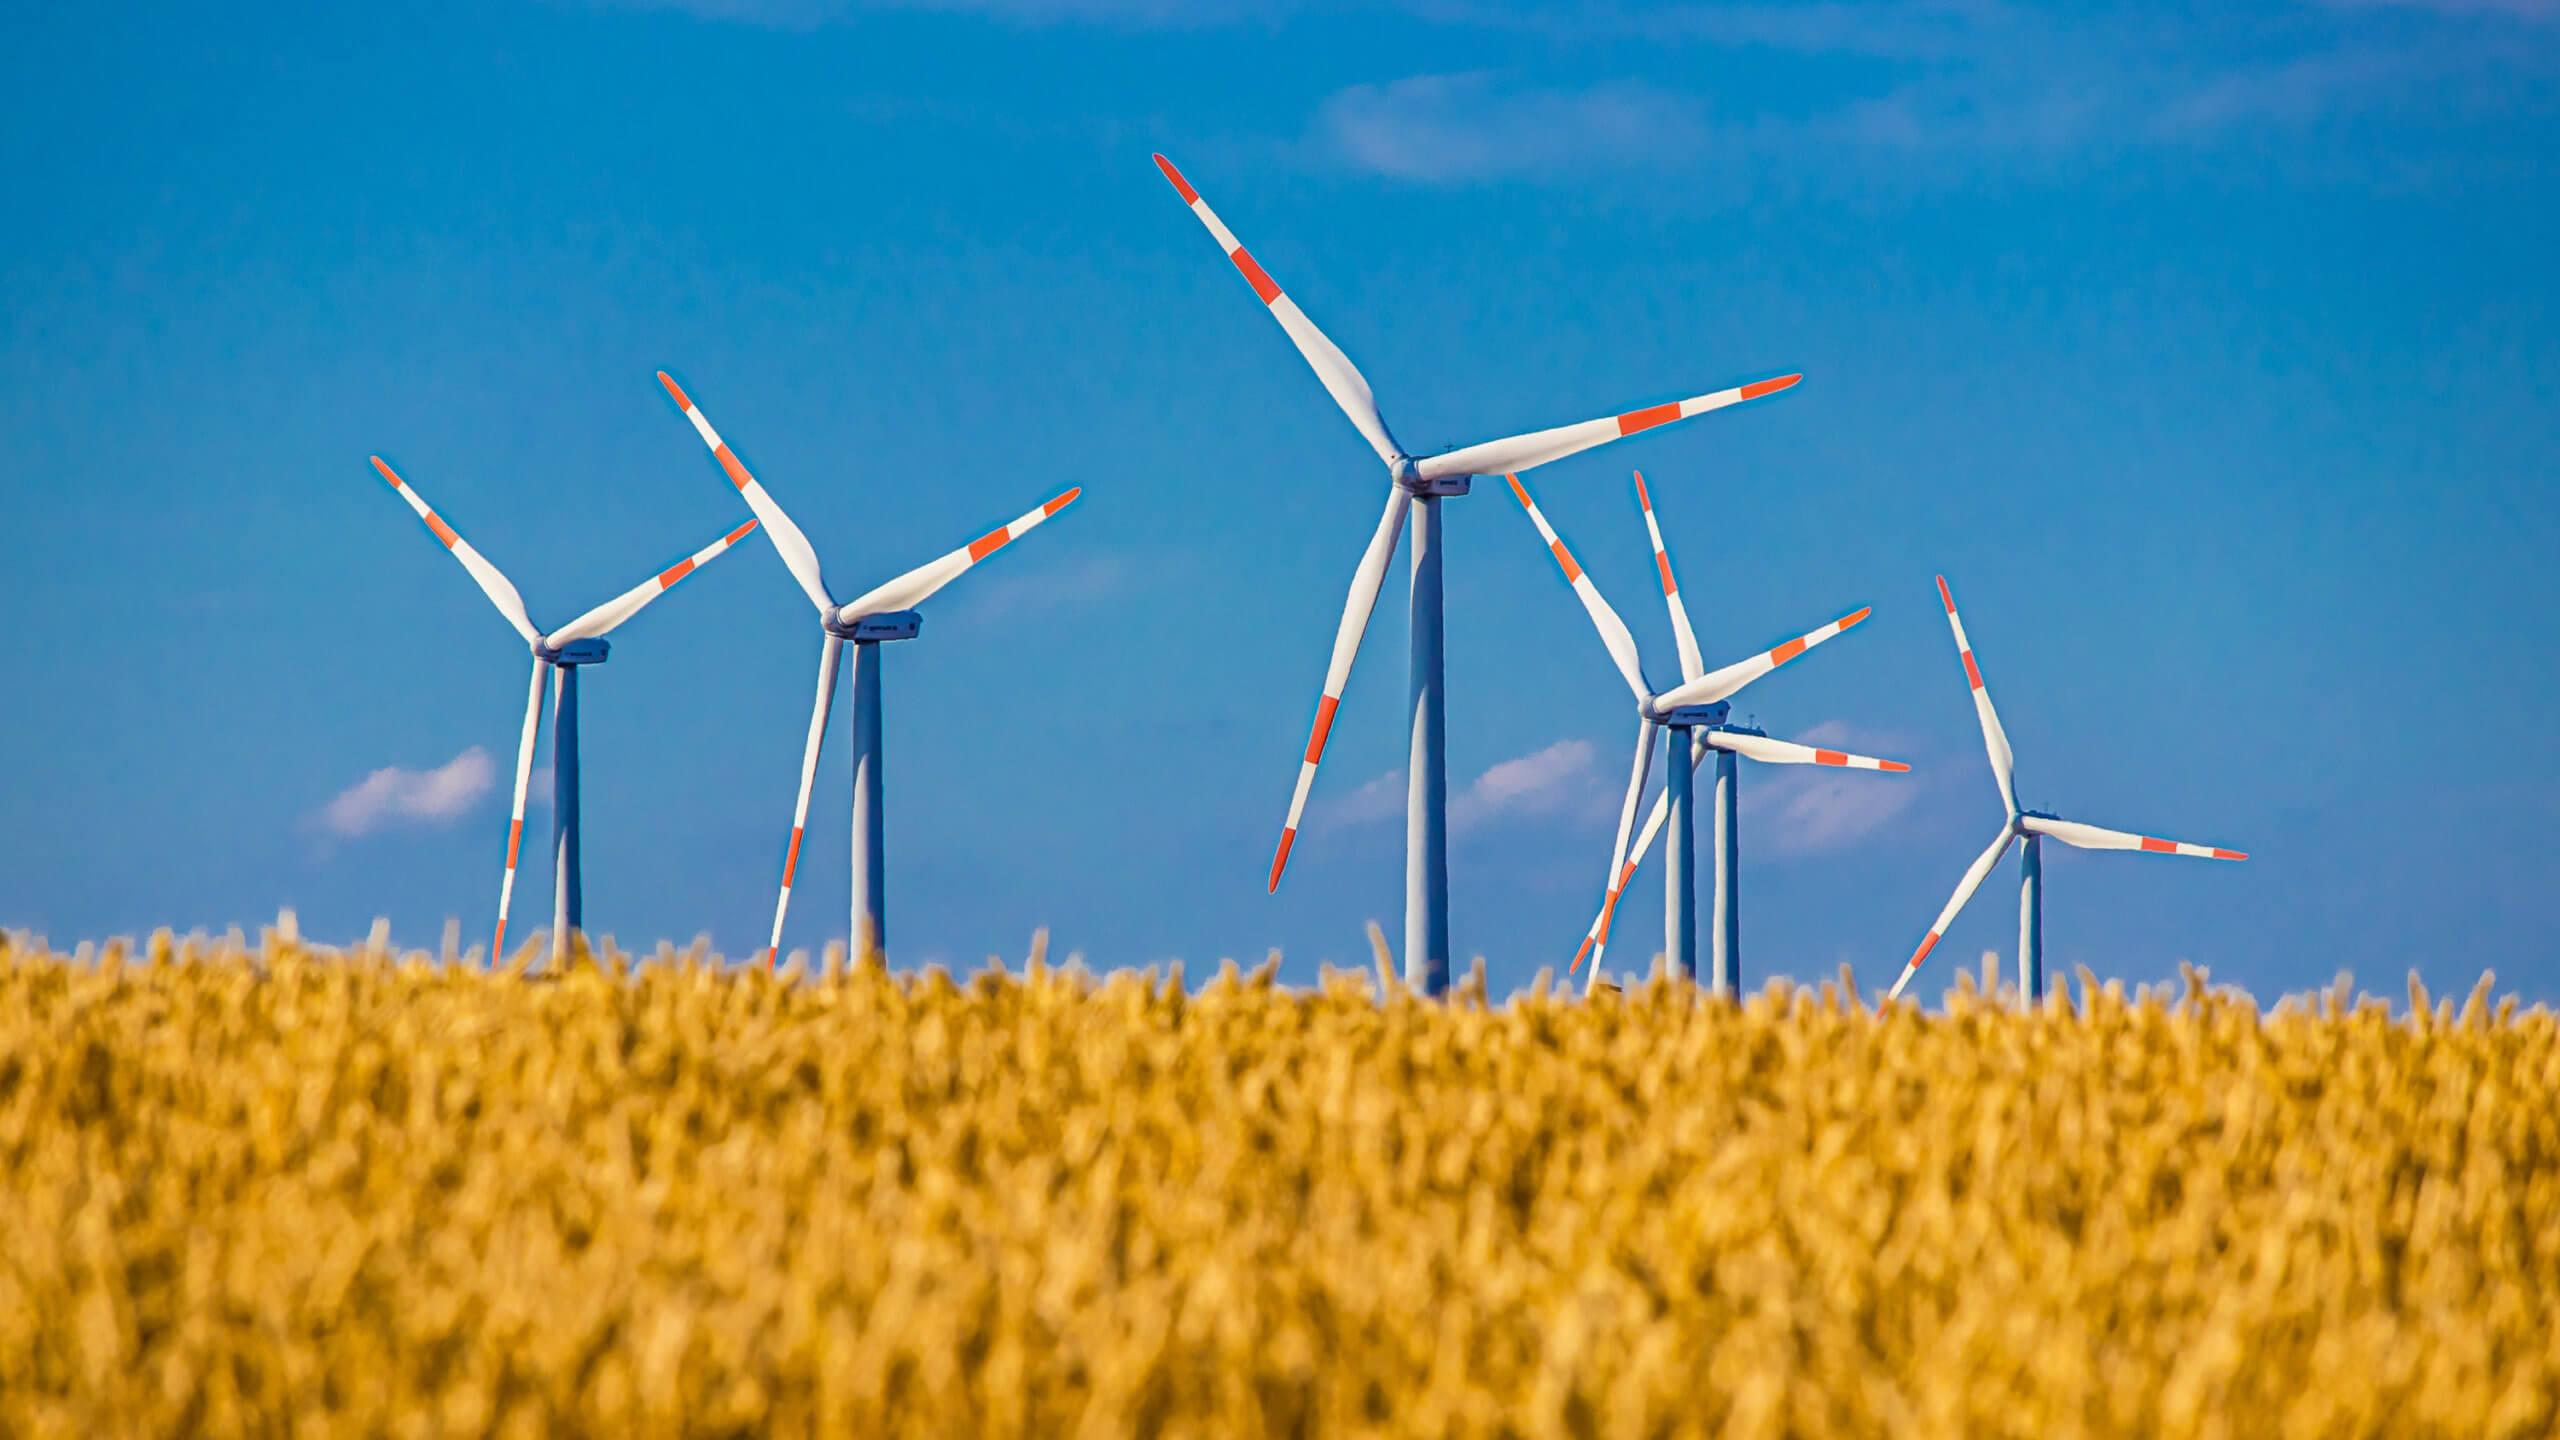 Erneuerbare Energien wie z. B. Windräder